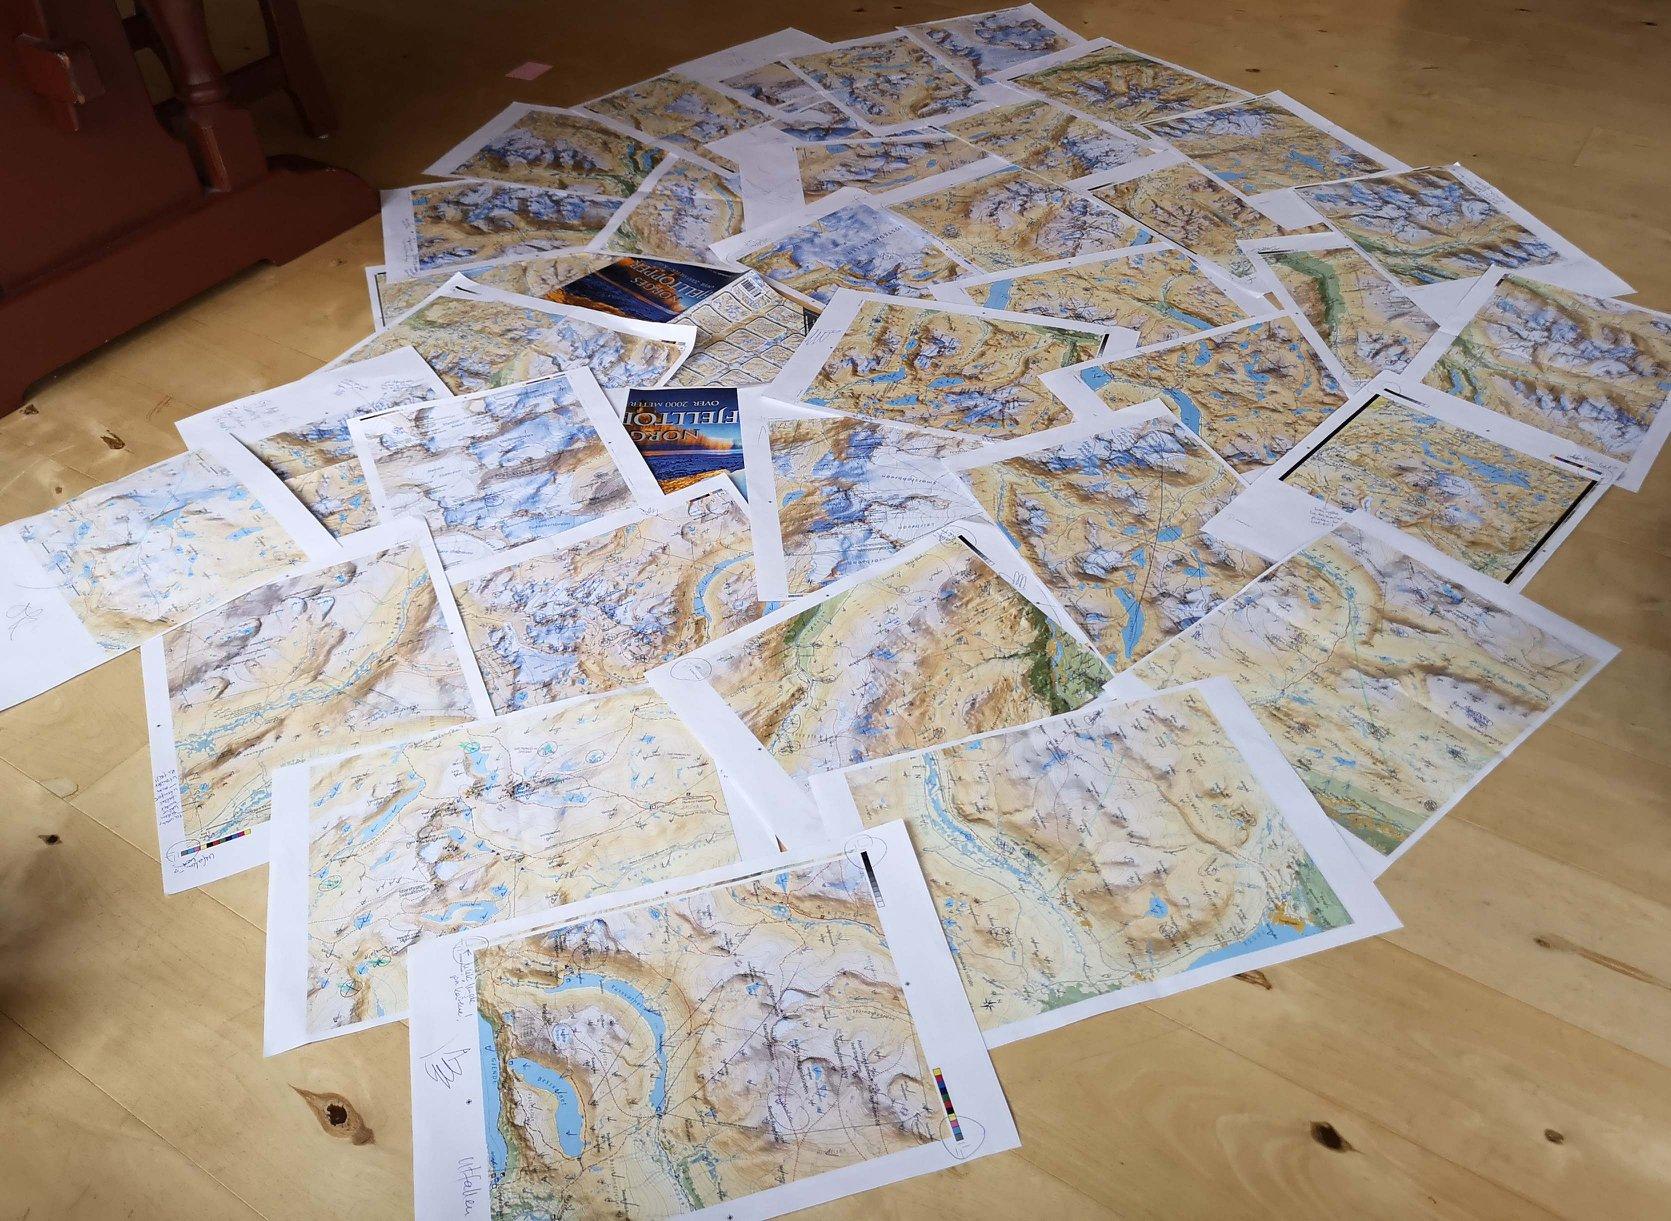 Bilde fra Morten Helgesen fra forberedelsen av kartpakken fra Mesterkart